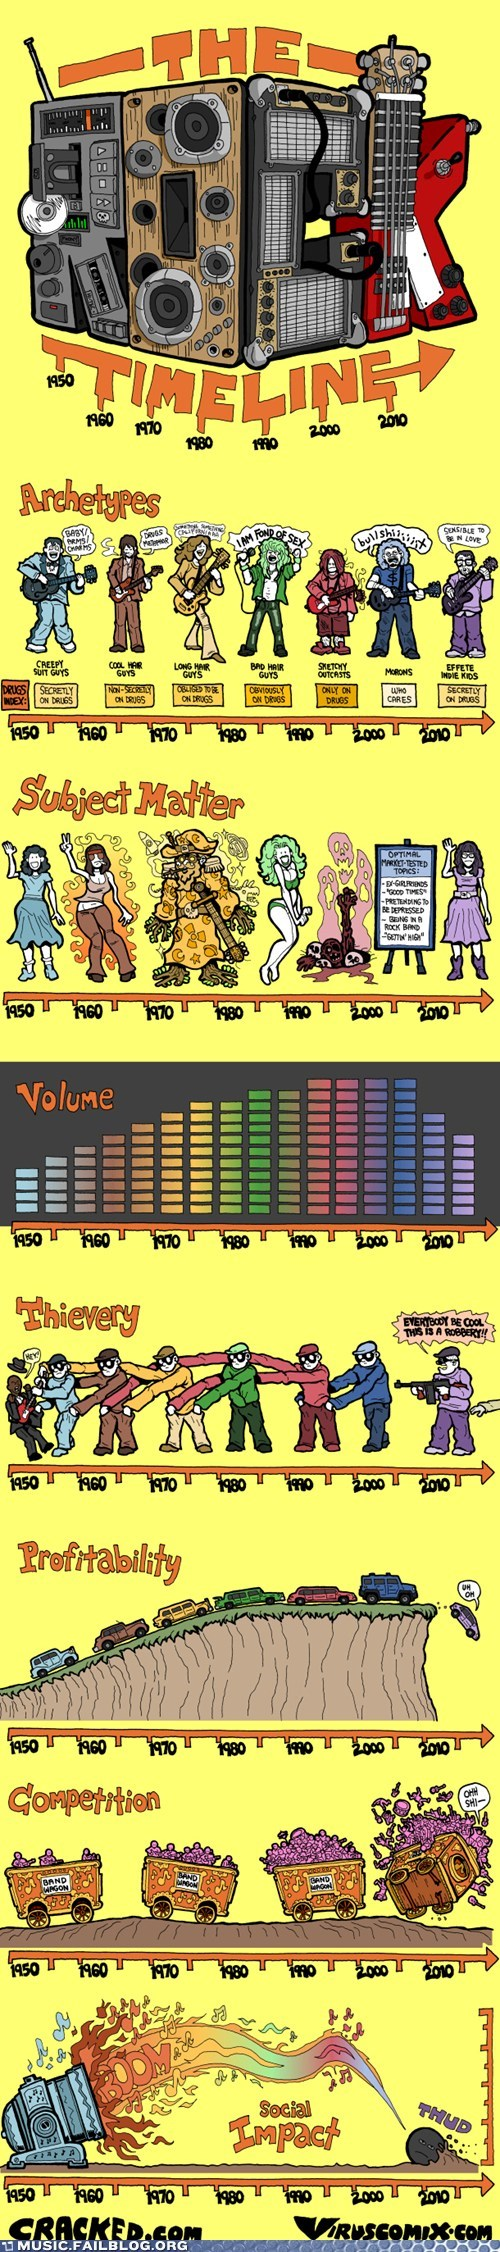 rock music timeline - 6576452608